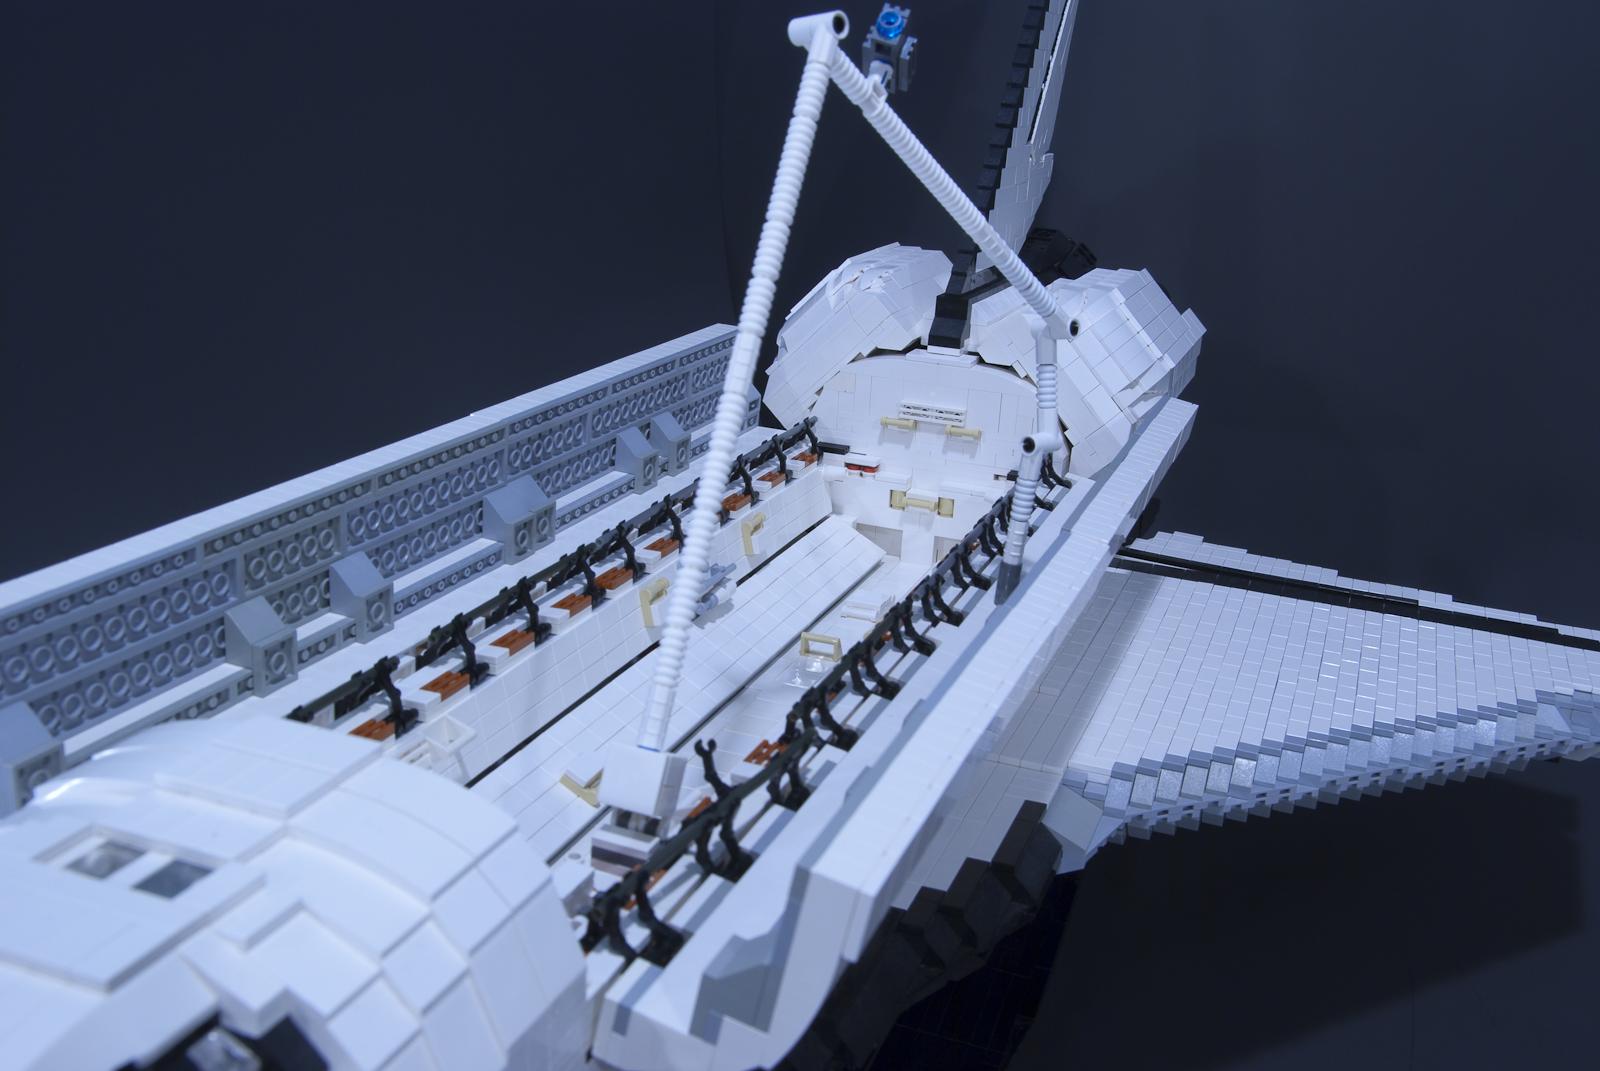 lego space shuttle moc instructions - photo #23